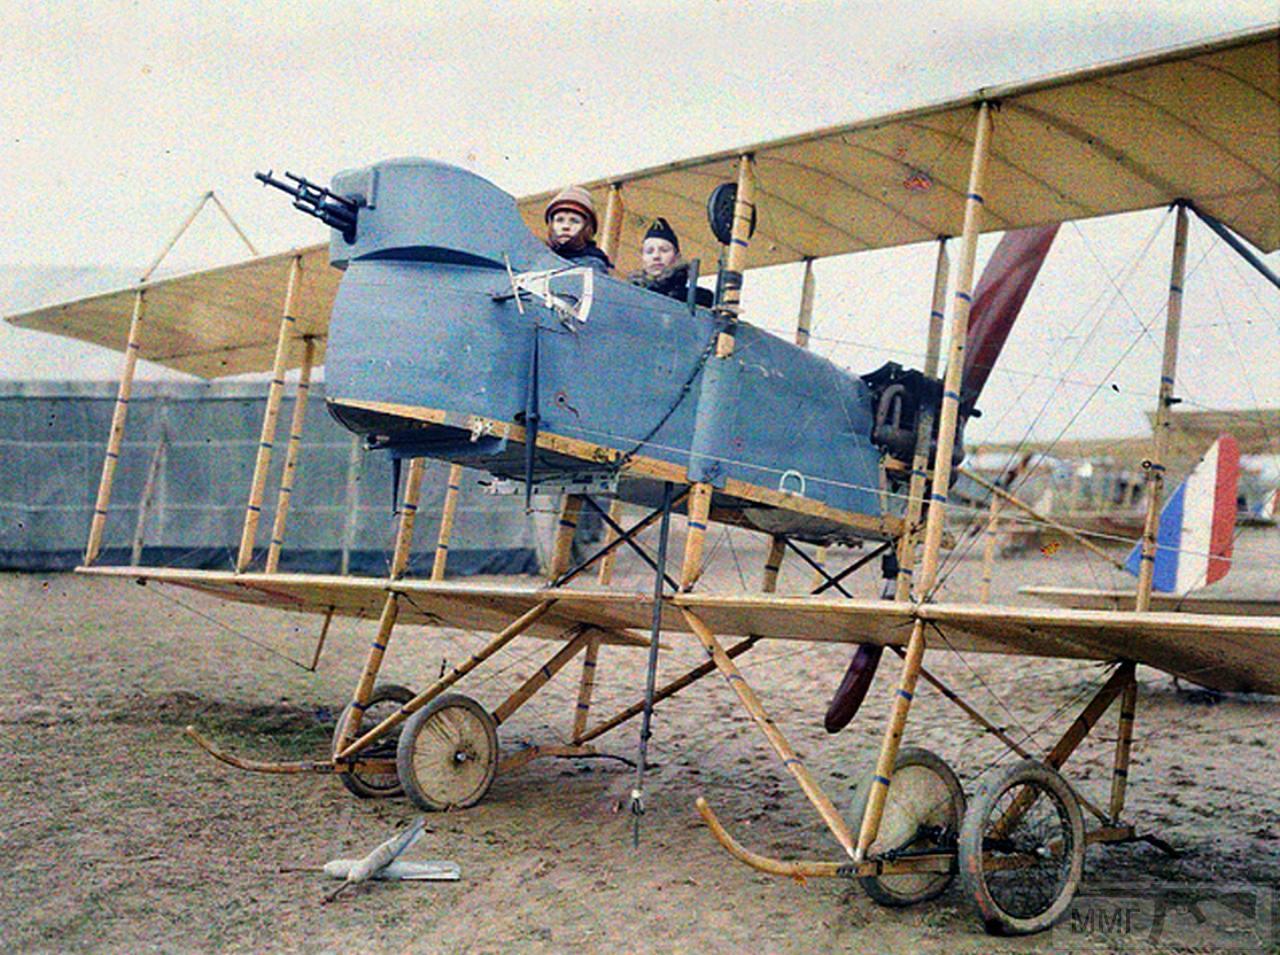 79980 - Французский аэроплан Farman M.F.11